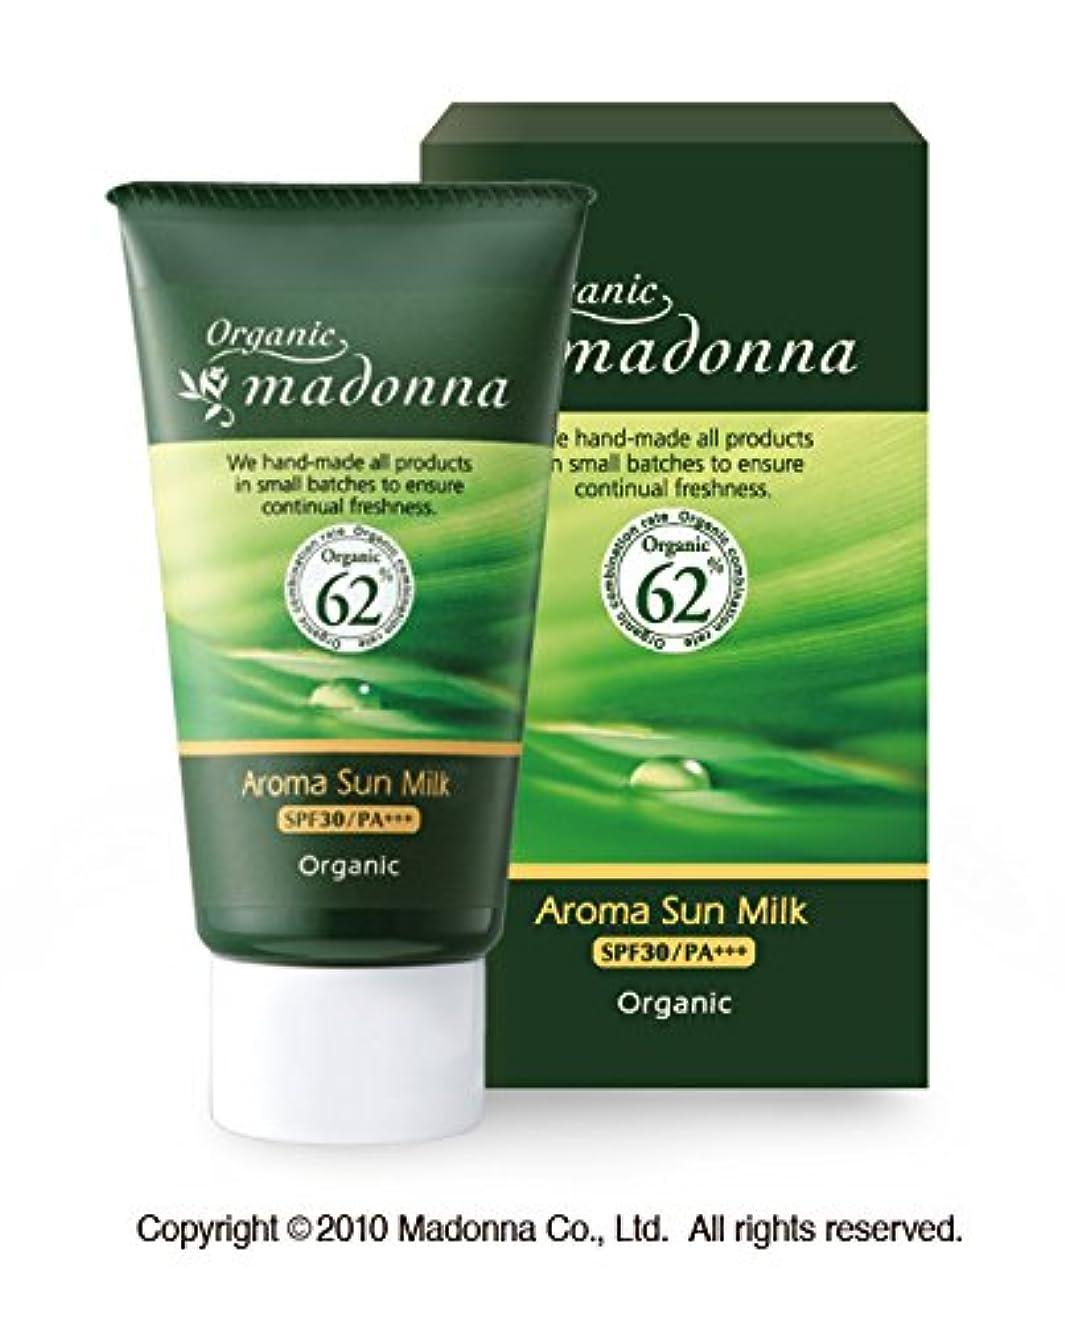 中でセレナ排泄するオーガニックマドンナ アロマサンミルク45g(SPF30/PA+++)<オーガニック62%配合>